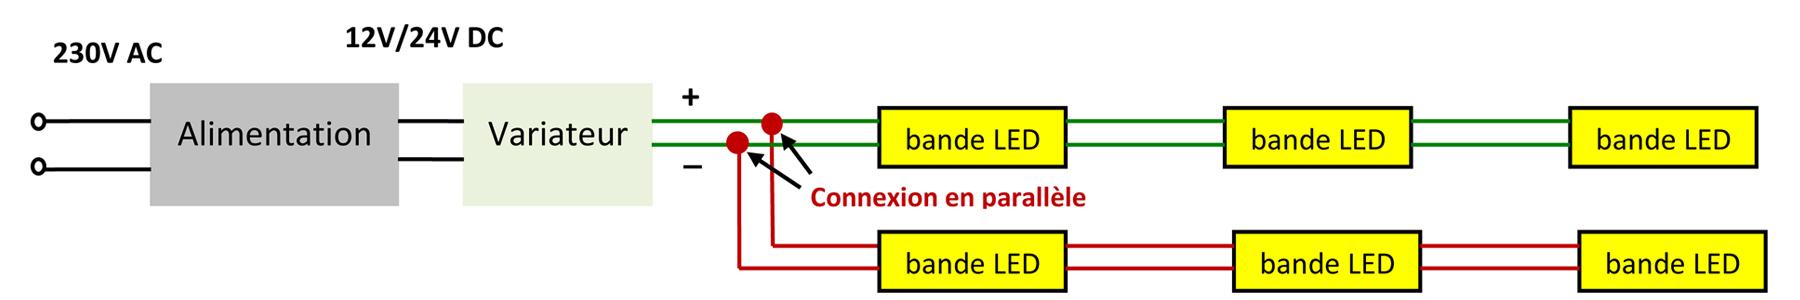 Schéma de connexion bande led mono couleur